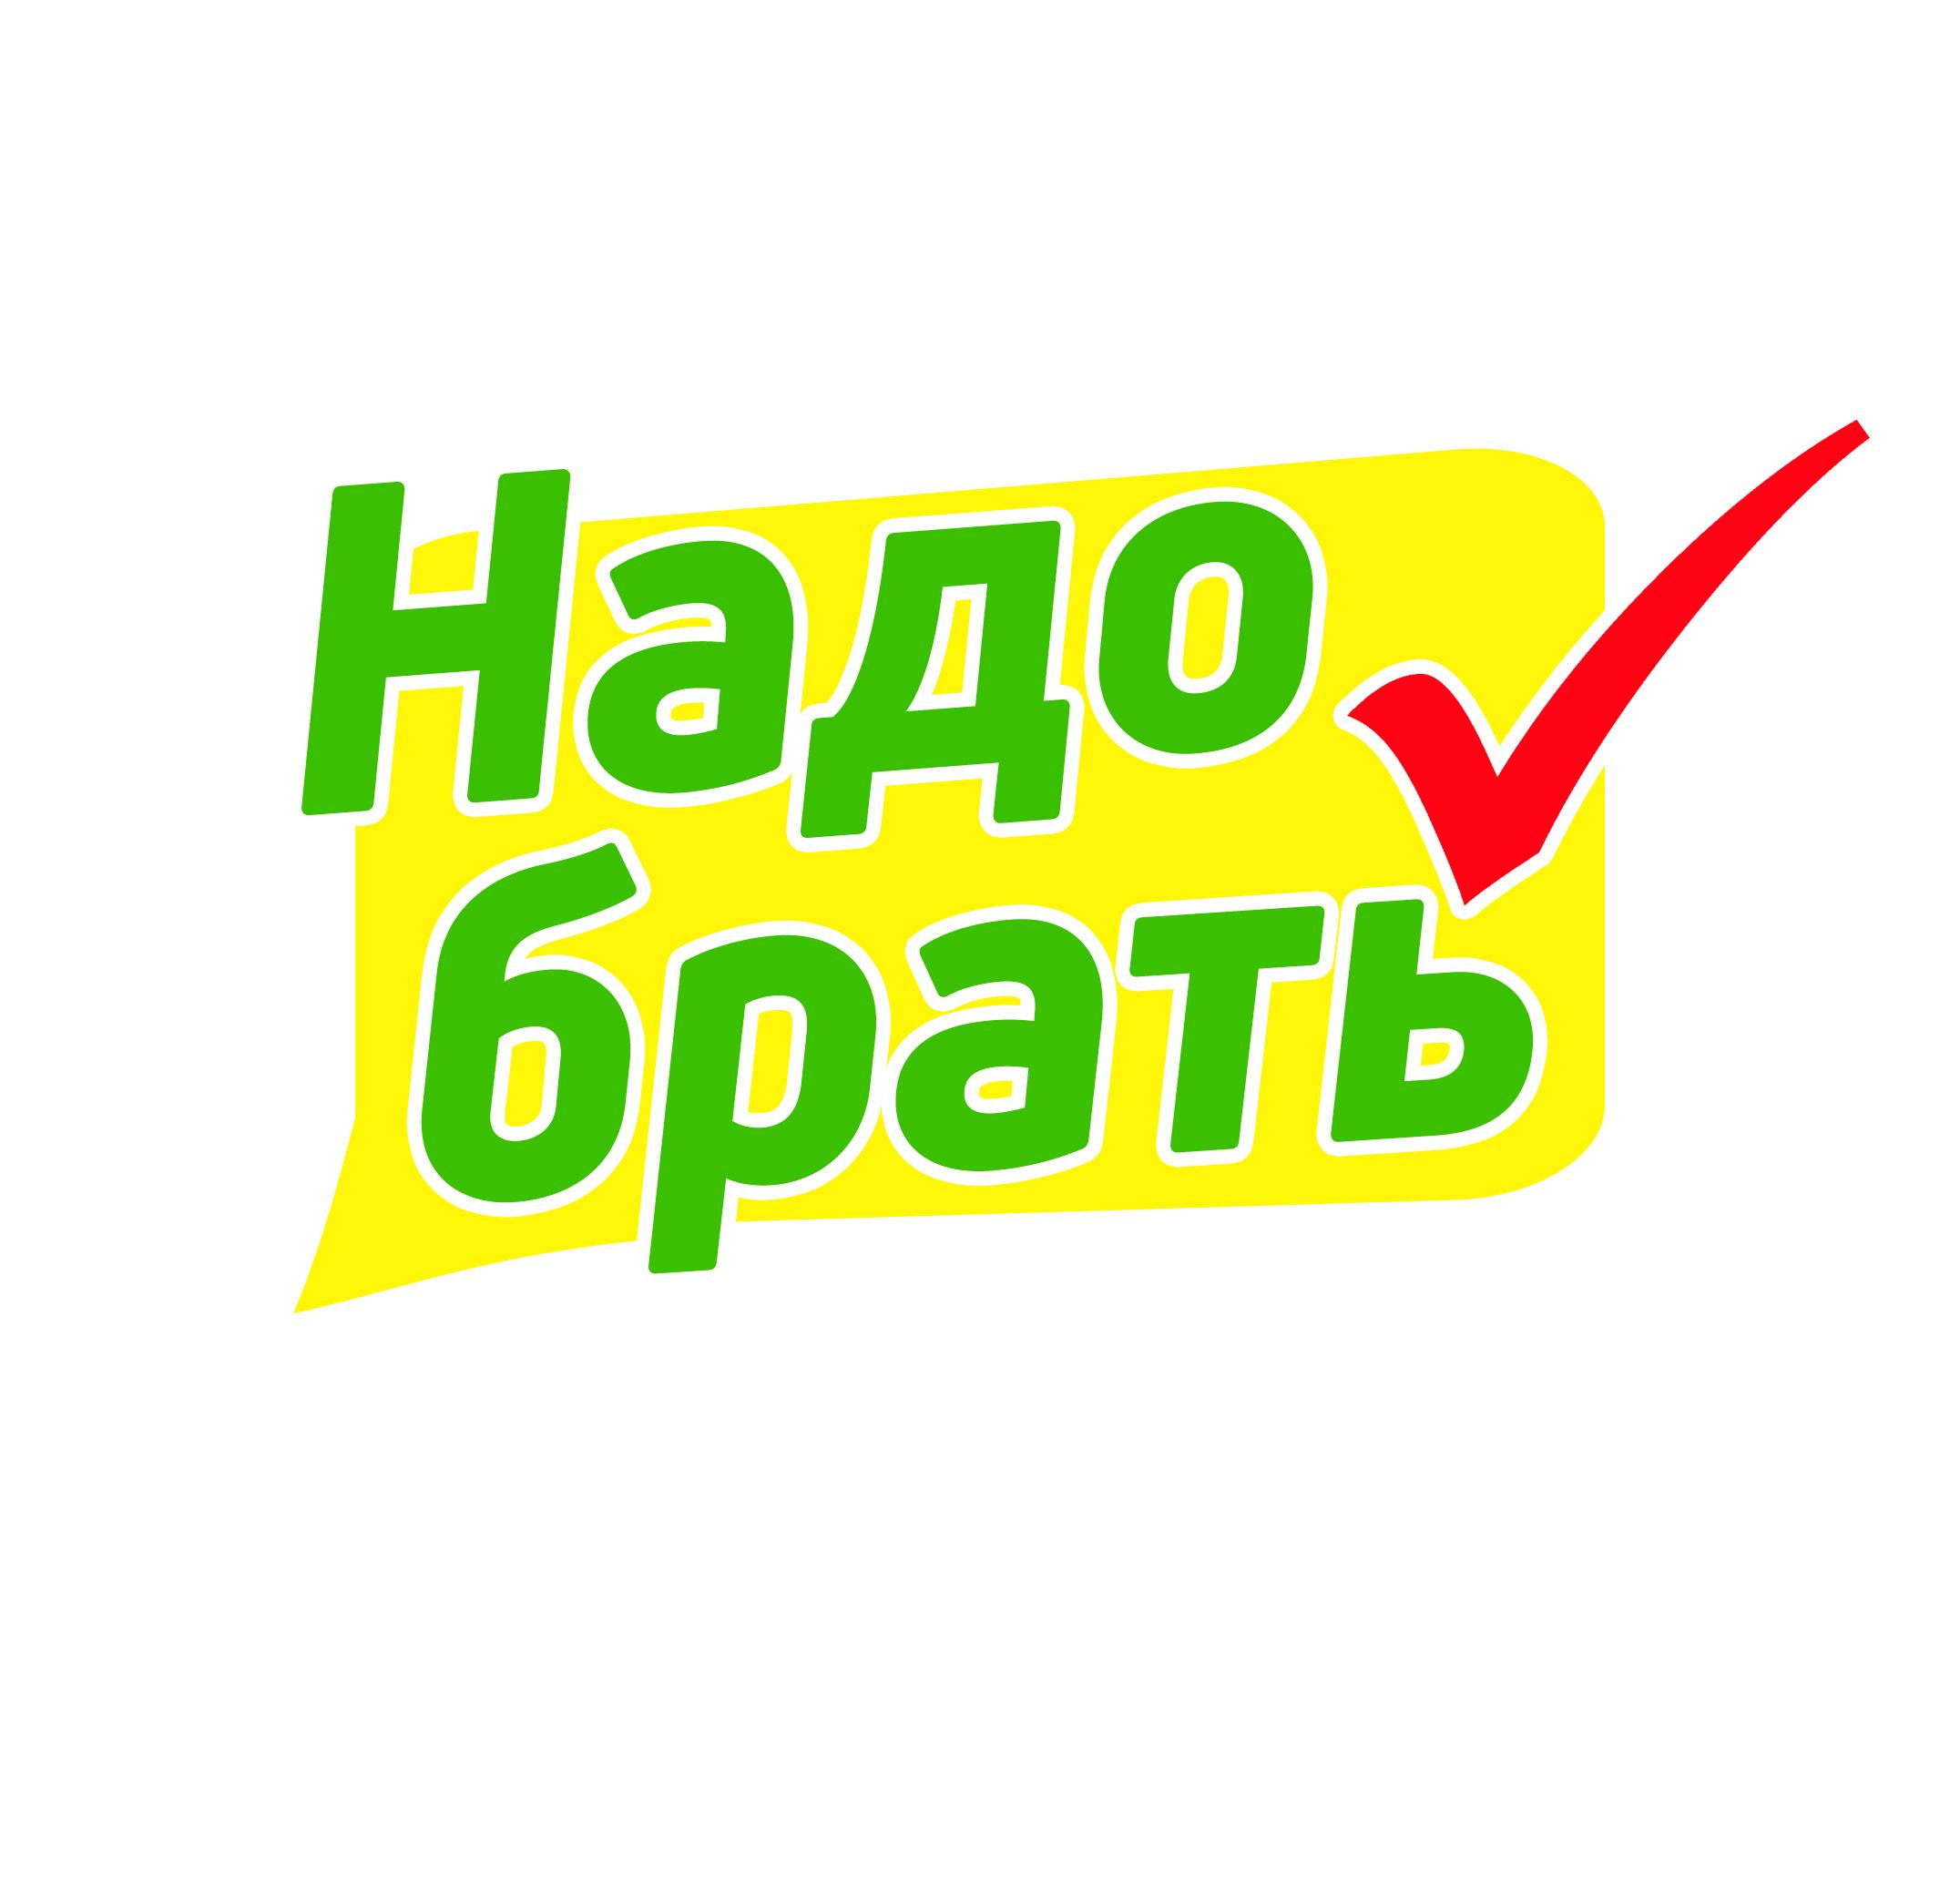 Дизайн логотипа и упаковки СТМ фото f_6765c5713eb2415f.jpg